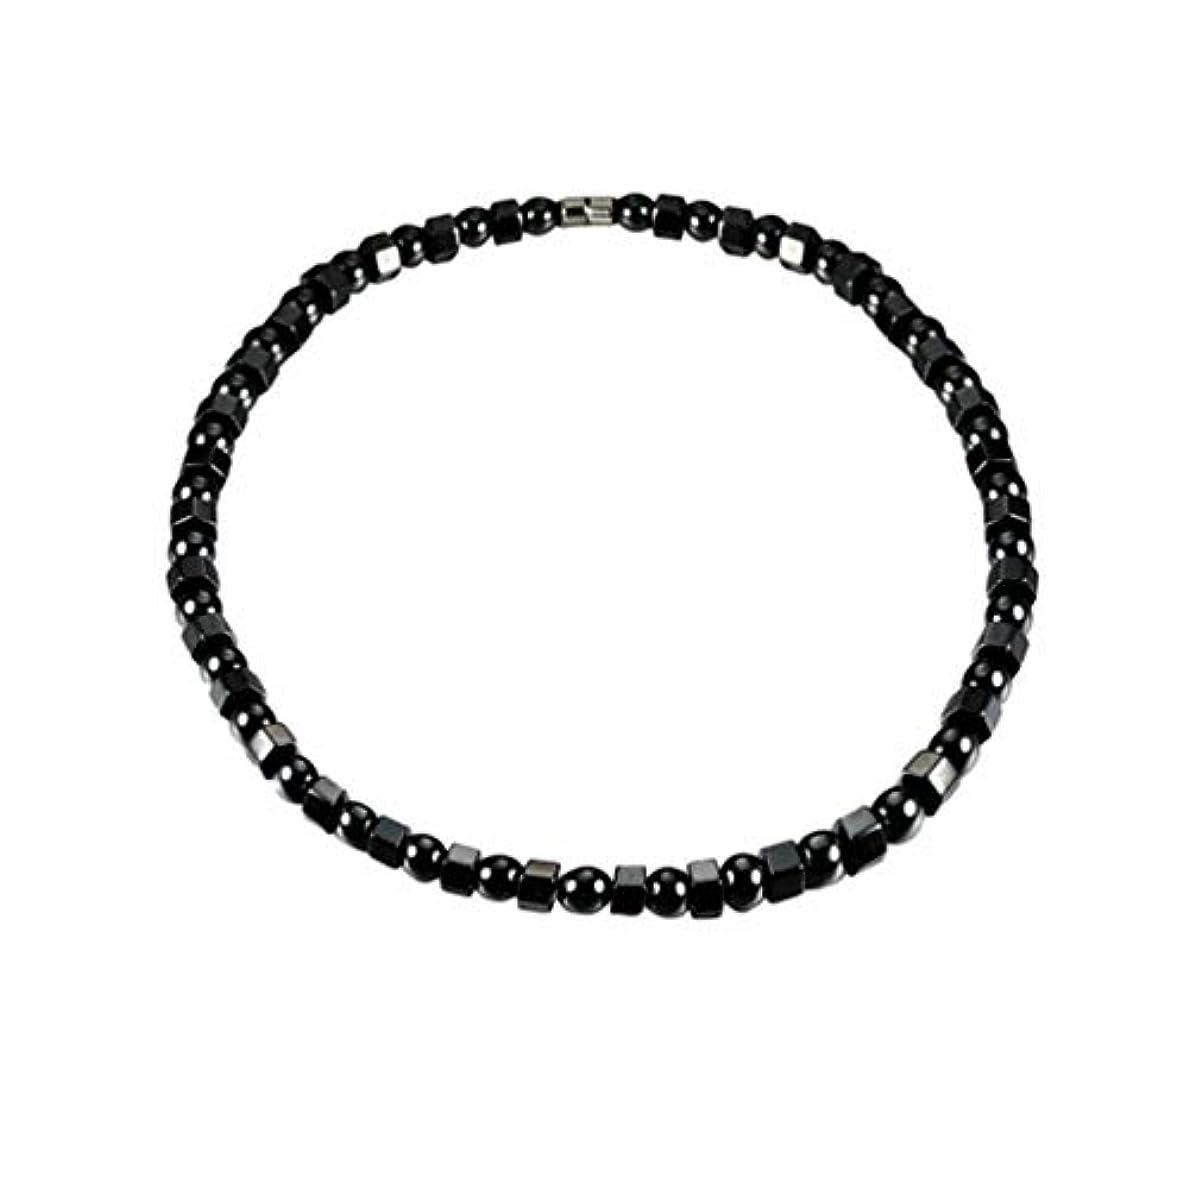 例可愛いタールHealifty ヘマタイト磁気ブレスレット健康磁気ブレスレットビーズストーンアンクレットジュエリー用男性女性関節炎手根管